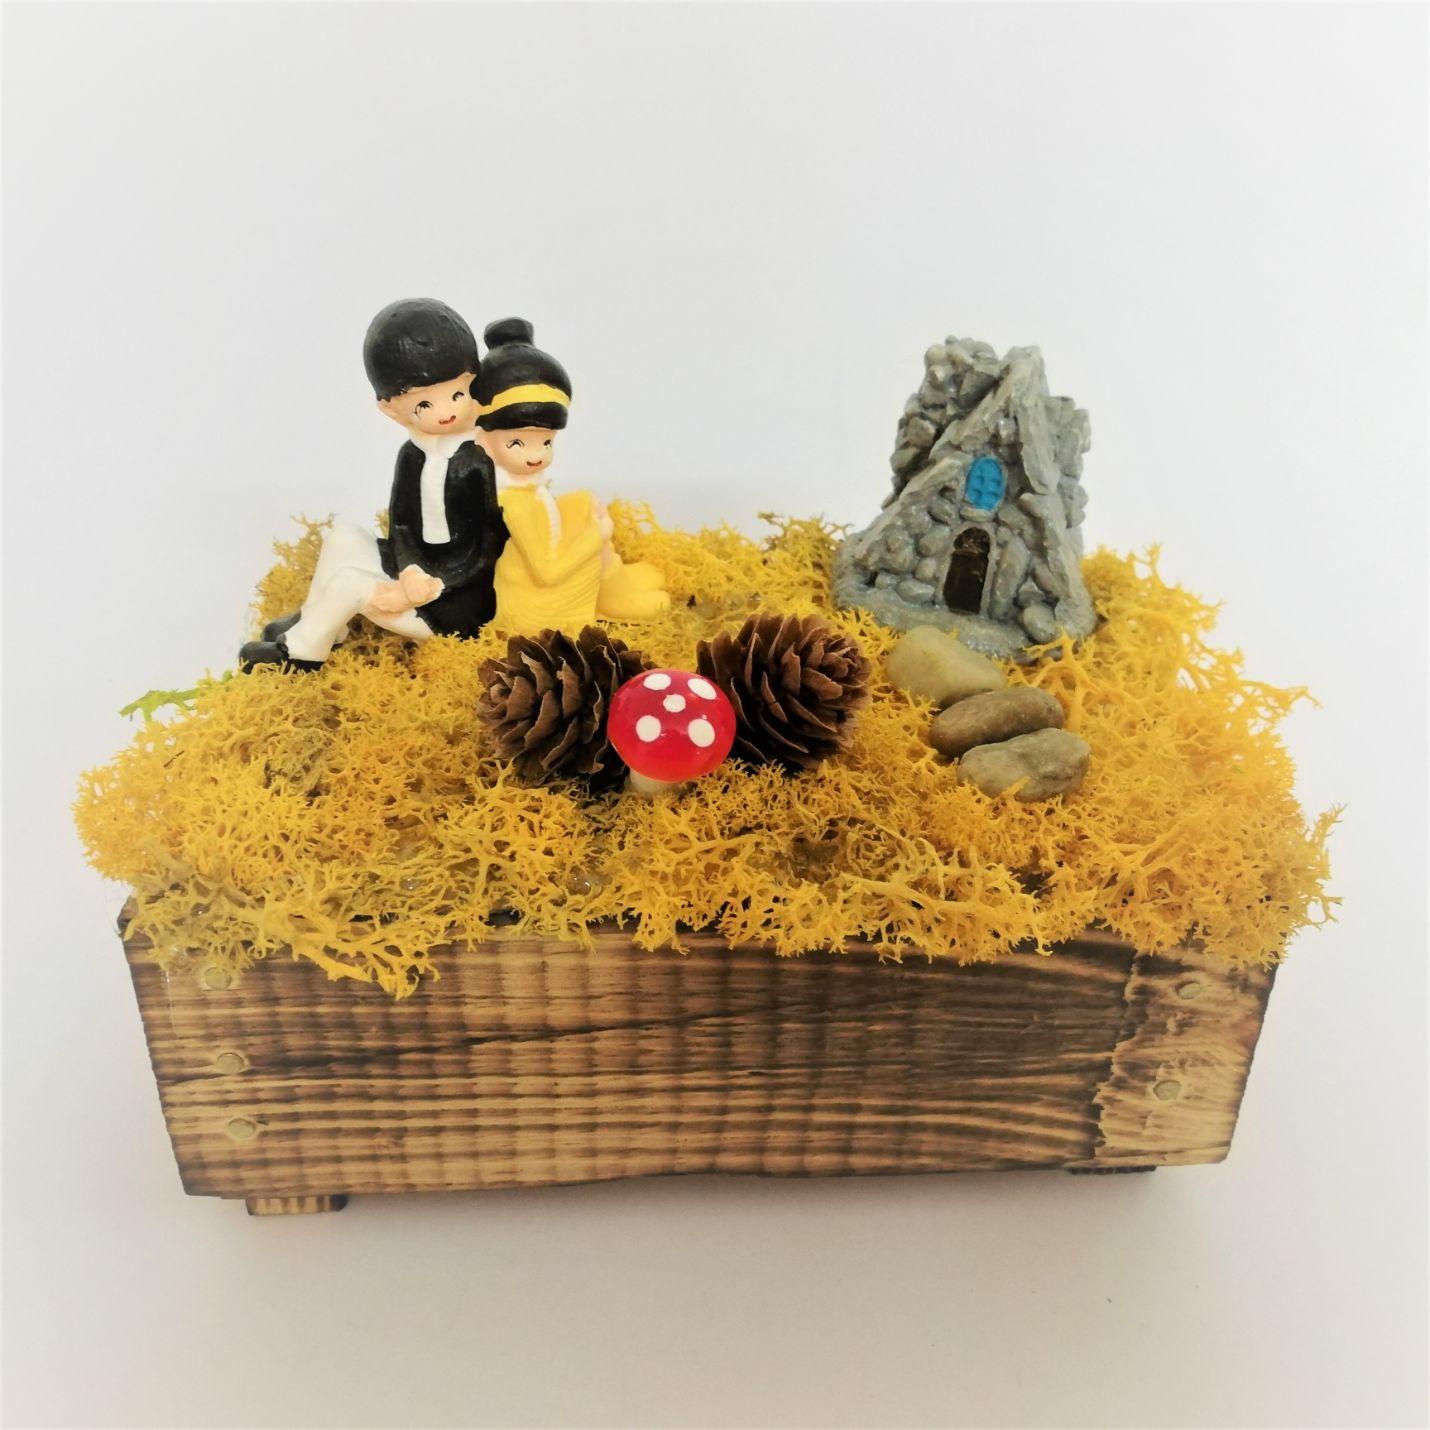 Ahşap Sandıkta Romantik Sevgililer Minyatür Bahçe -2